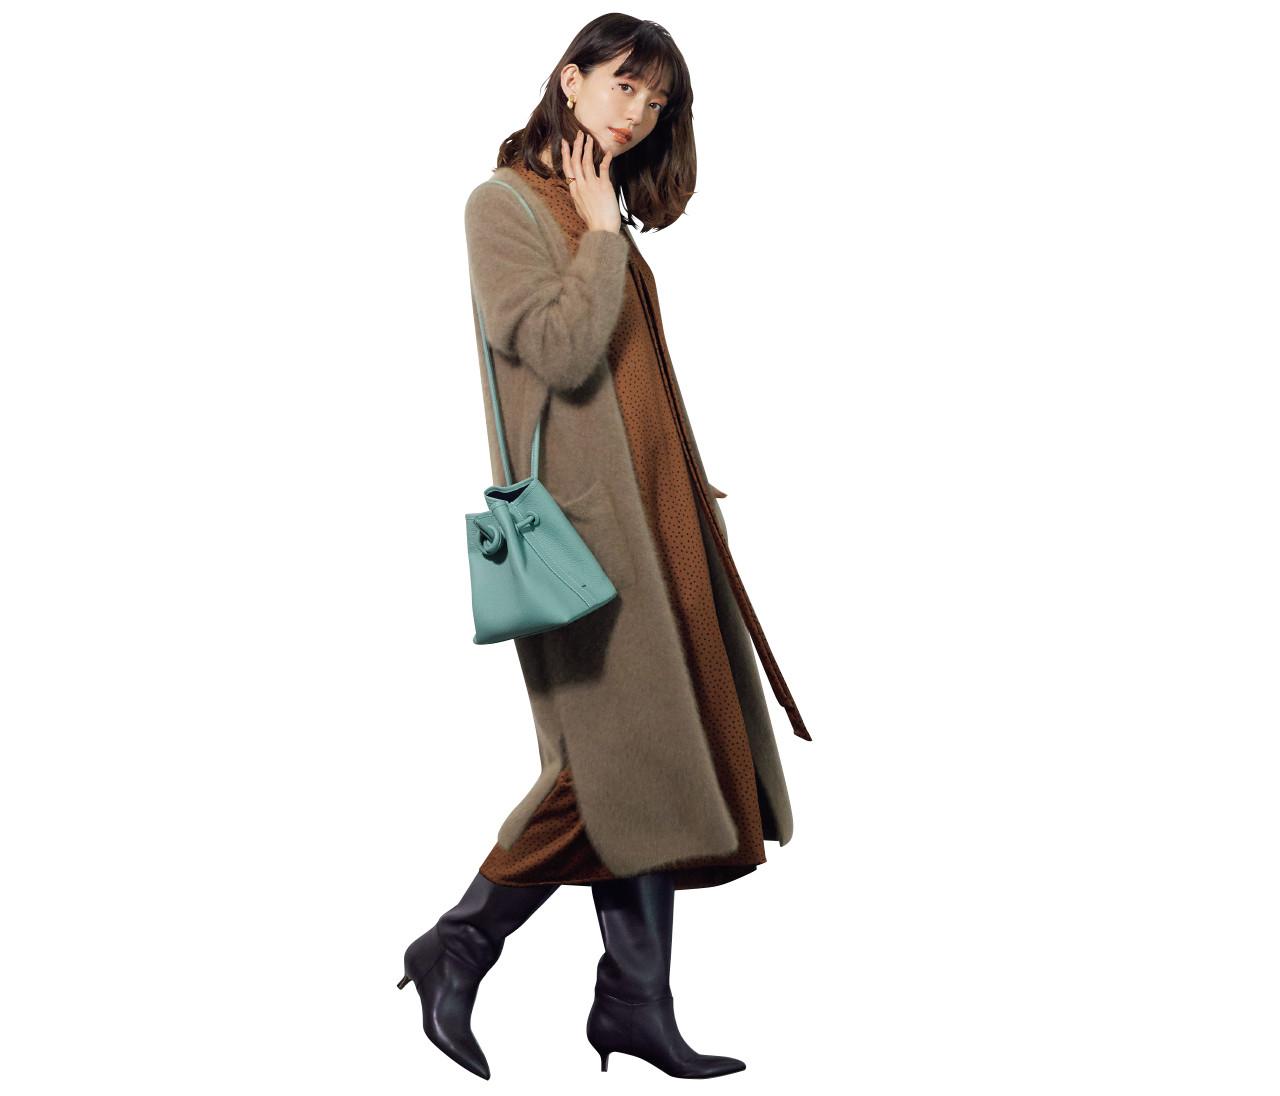 【30代冬の着やせルール6】「モヘアカーディガン」はロングブーツ合わせで細見え!